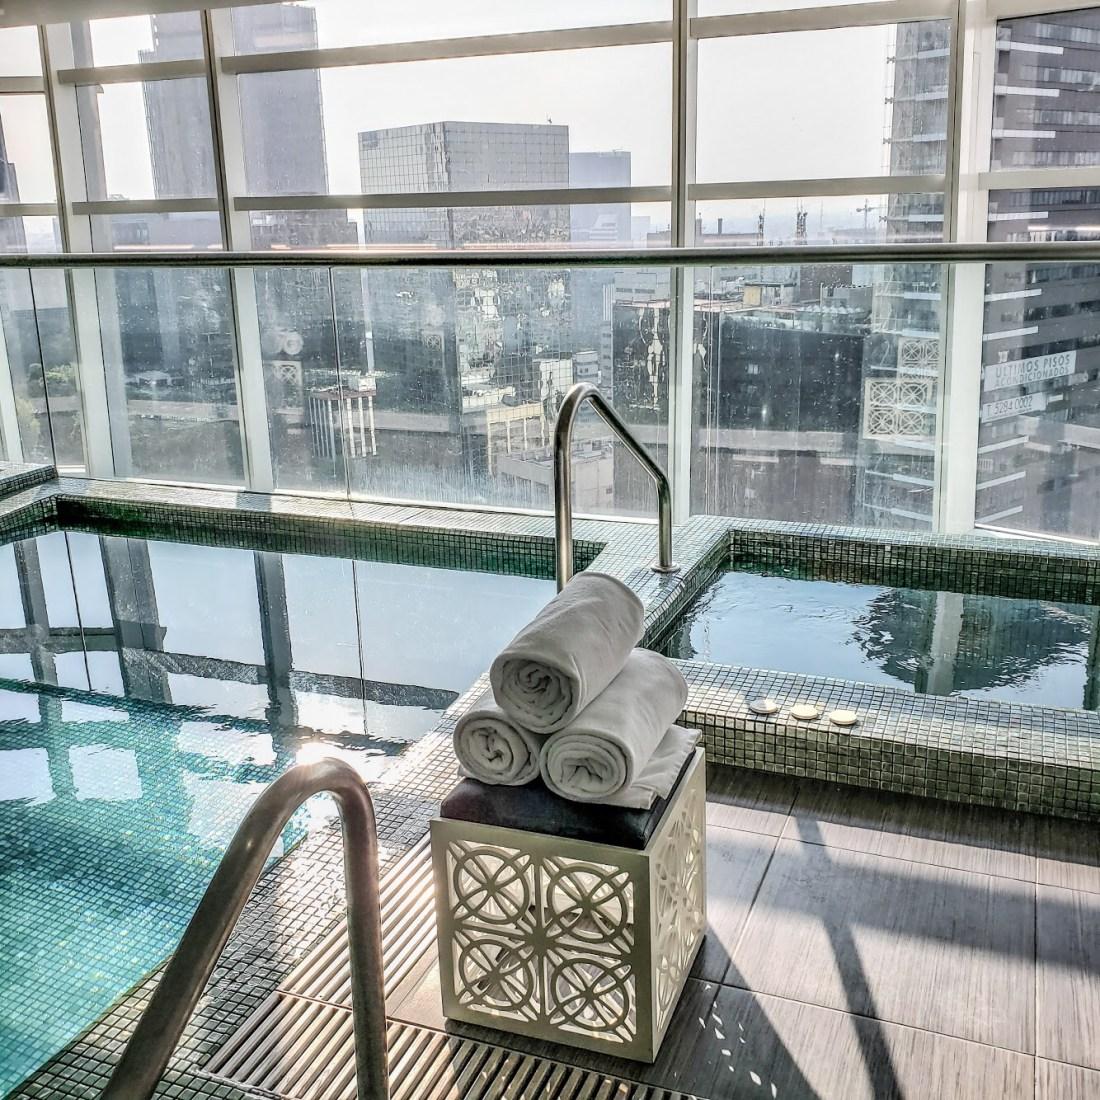 St Regis Mexico City - Luxury Hotel - Travel